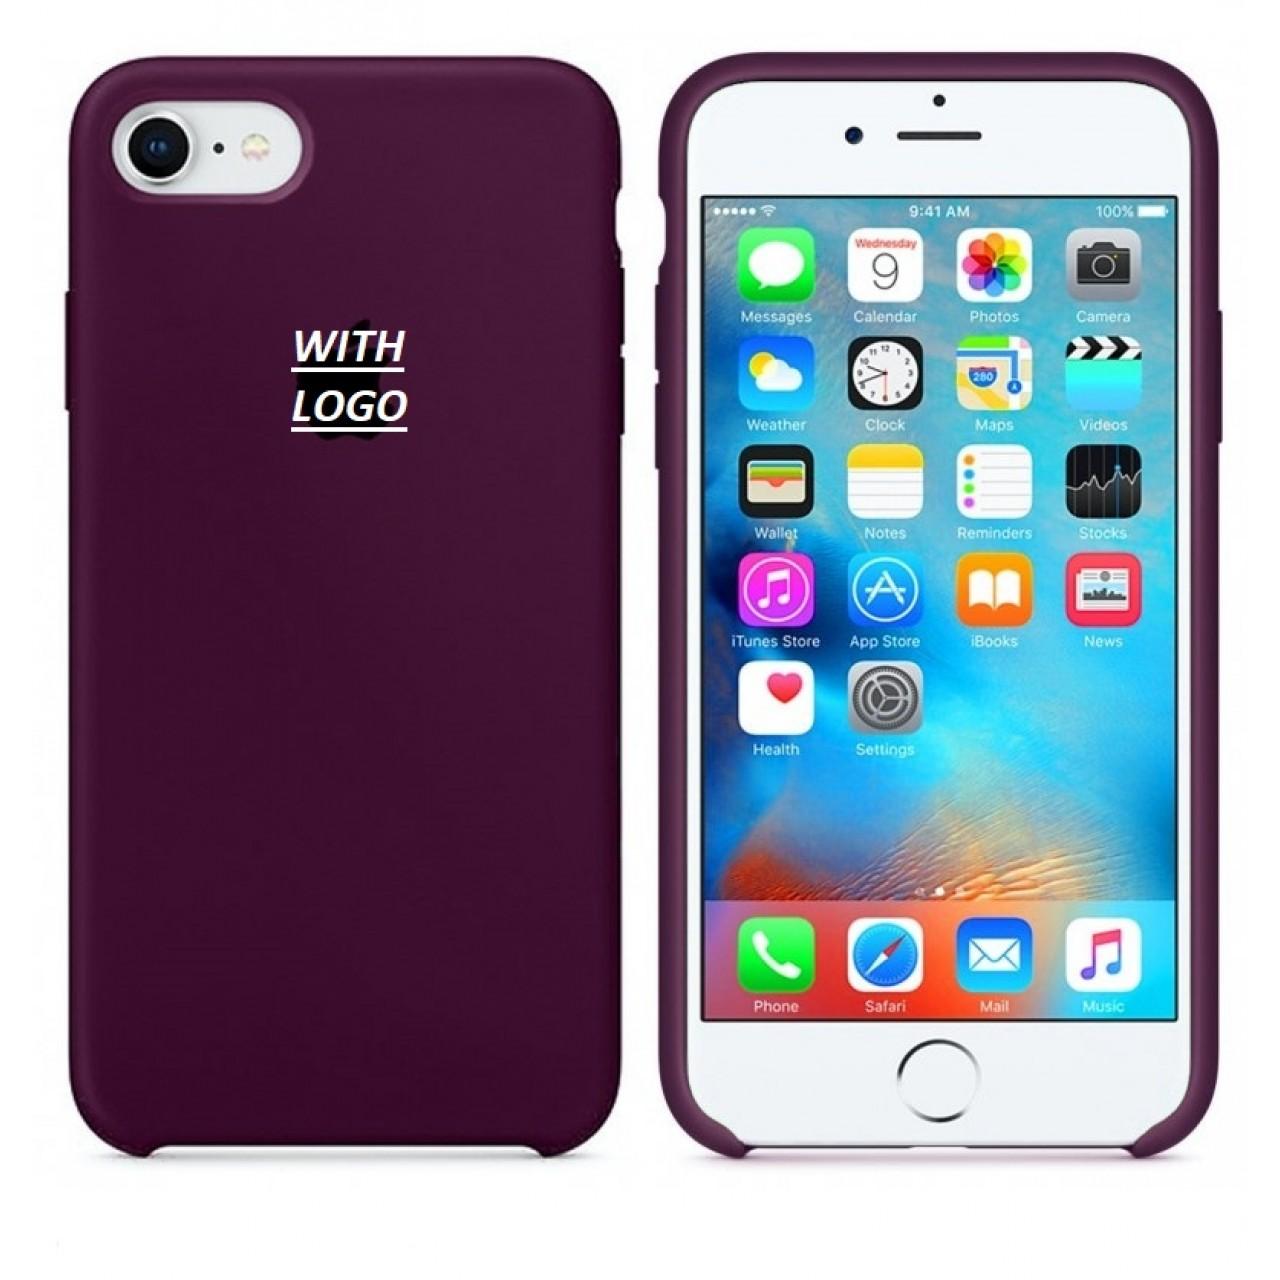 ΘΗΚΗ ΠΡΟΣΤΑΣΙΑΣ ΣΙΛΙΚΟΝΗΣ ΓΙΑ iPhone 6 PLUS ΜΠΟΡΝΤΩ - BACK COVER SILICON CASE PLUM - OEM